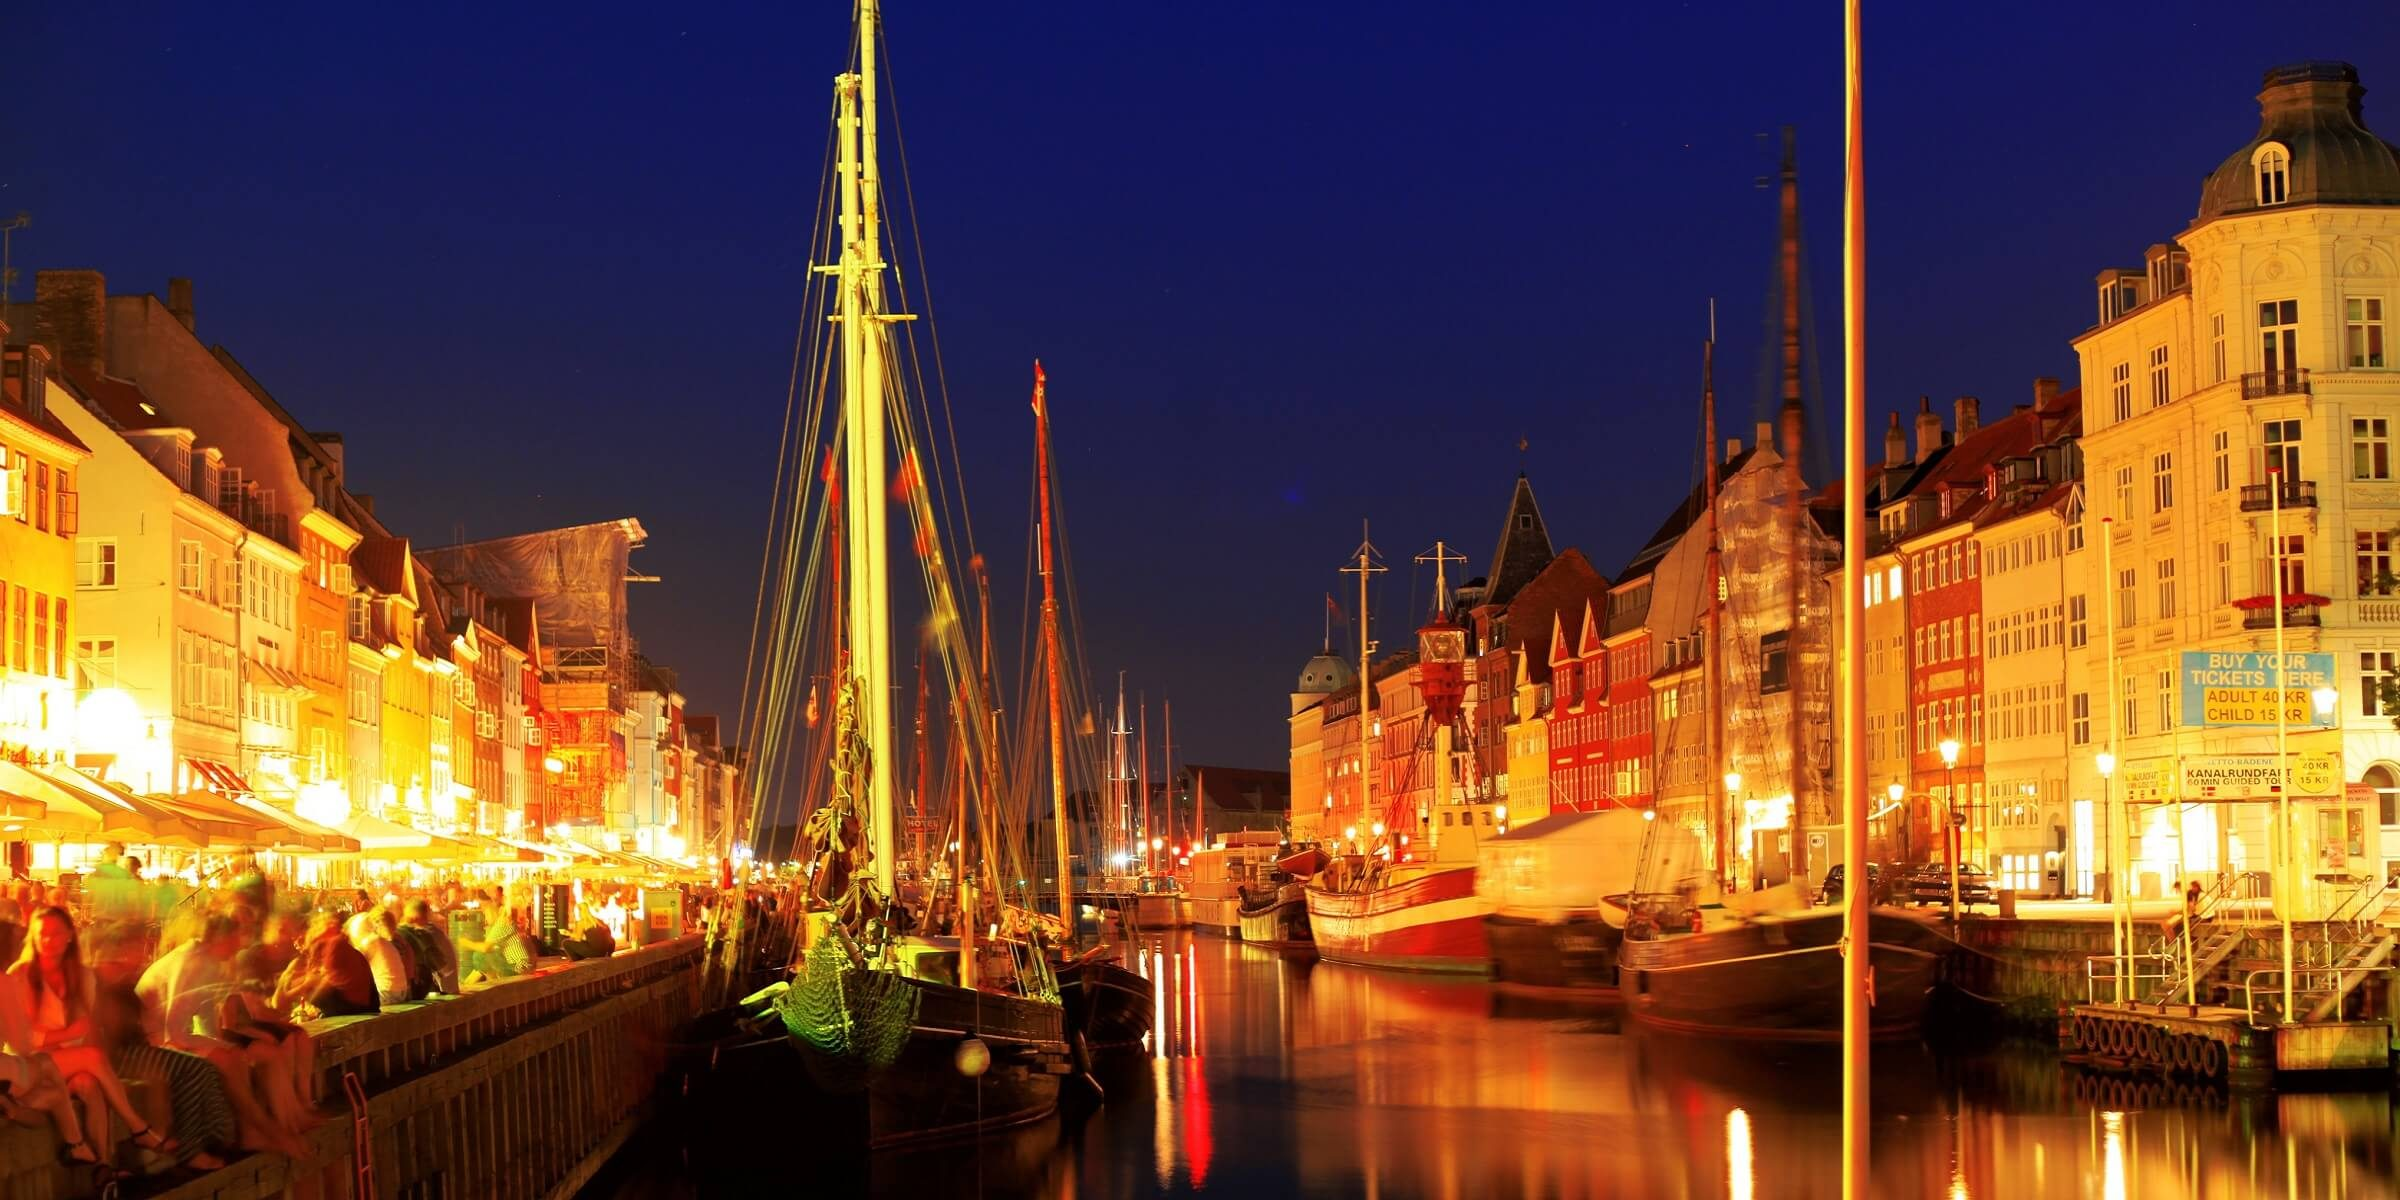 Genießen Sie den typisch dänischen Flair am Hafen in Kopenhagen